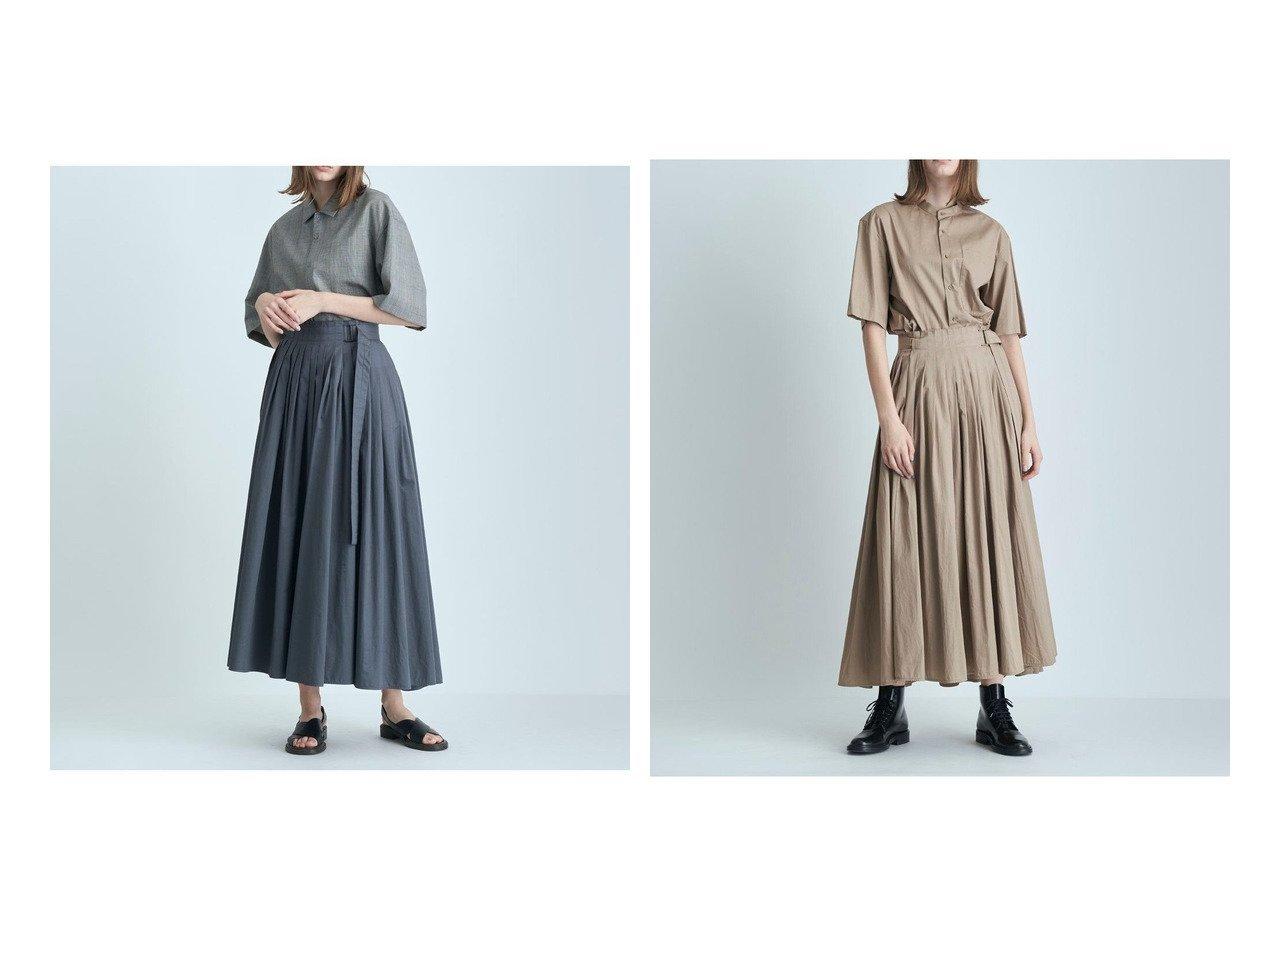 【ATON/エイトン】のCOTTON TWILL ダブルラッププリーツスカート 【スカート】おすすめ!人気、トレンド・レディースファッションの通販   おすすめで人気の流行・トレンド、ファッションの通販商品 インテリア・家具・メンズファッション・キッズファッション・レディースファッション・服の通販 founy(ファニー) https://founy.com/ ファッション Fashion レディースファッション WOMEN スカート Skirt プリーツスカート Pleated Skirts 送料無料 Free Shipping ダブル プリーツ ラップ |ID:crp329100000057121